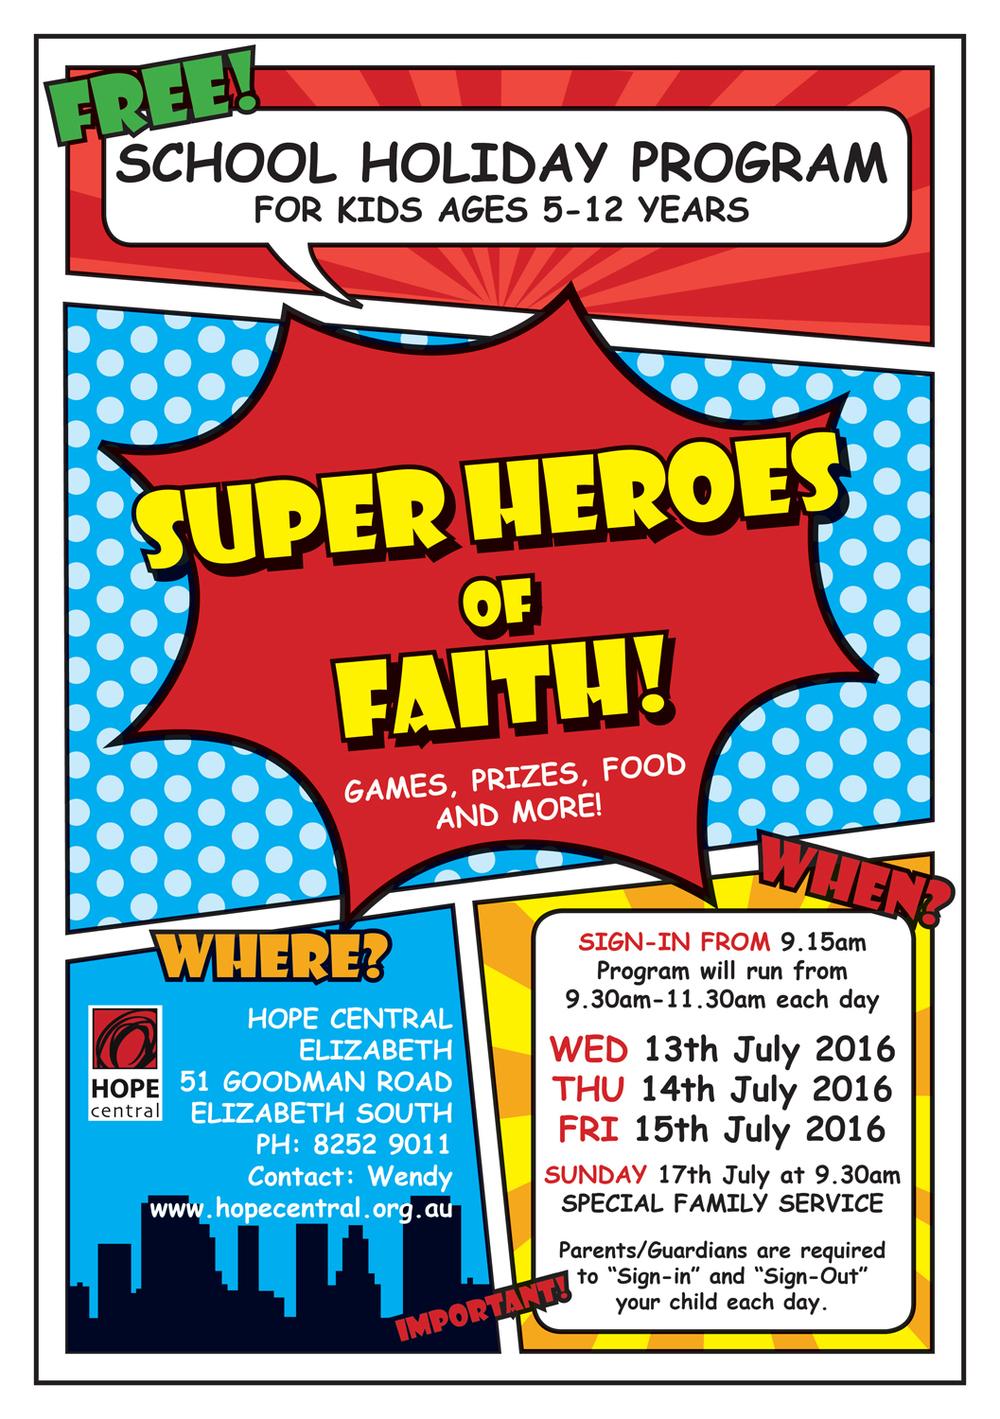 Super Heroes of Faith flyer